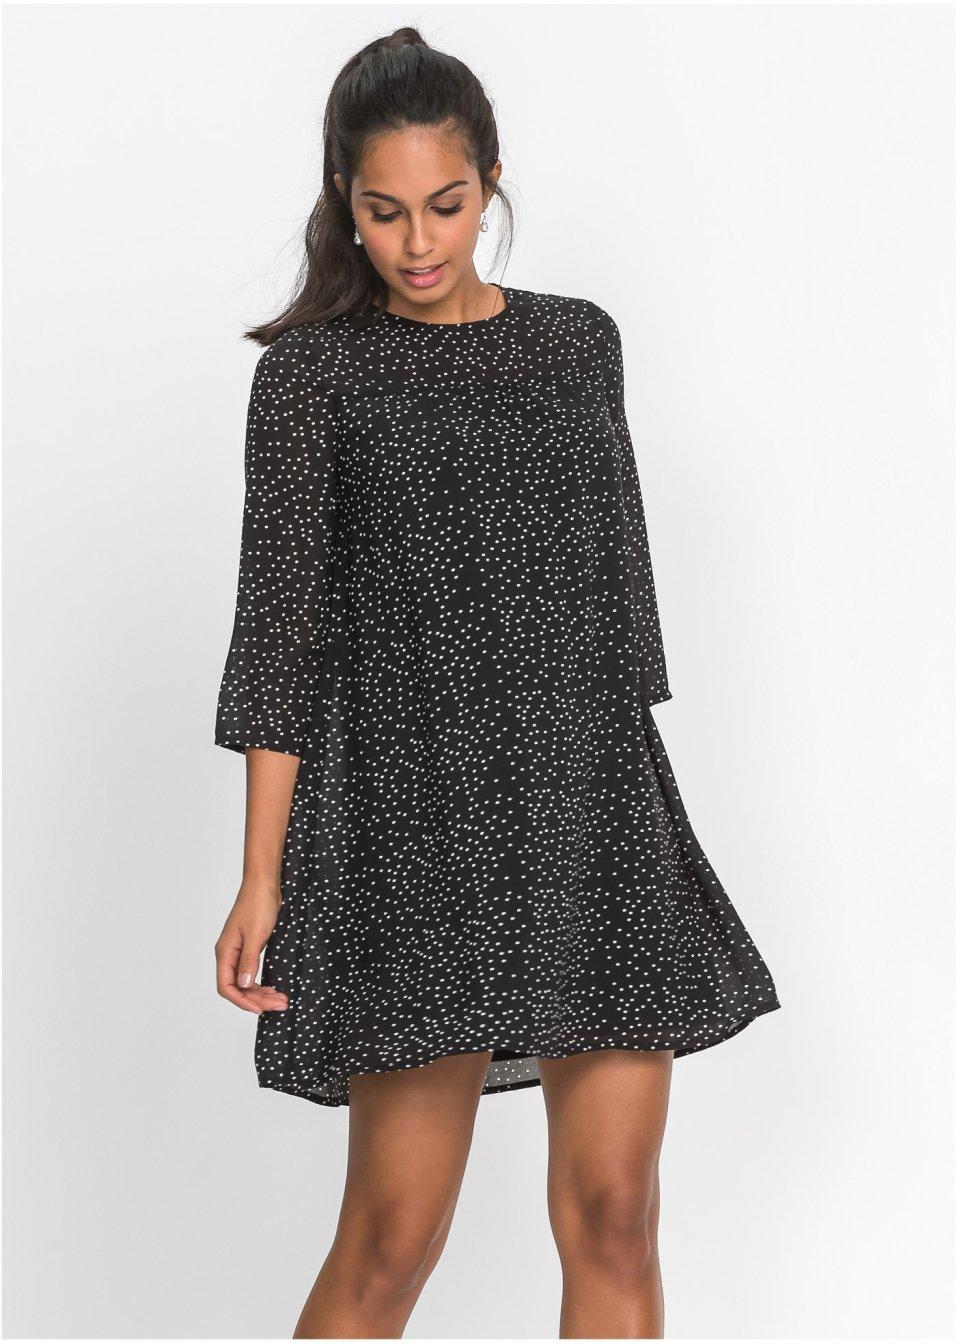 5ec85dadd750 Locker geschnittenes Chiffon-Kleid mit Rundhalsausschnitt - schwarz weiß  gepunktet